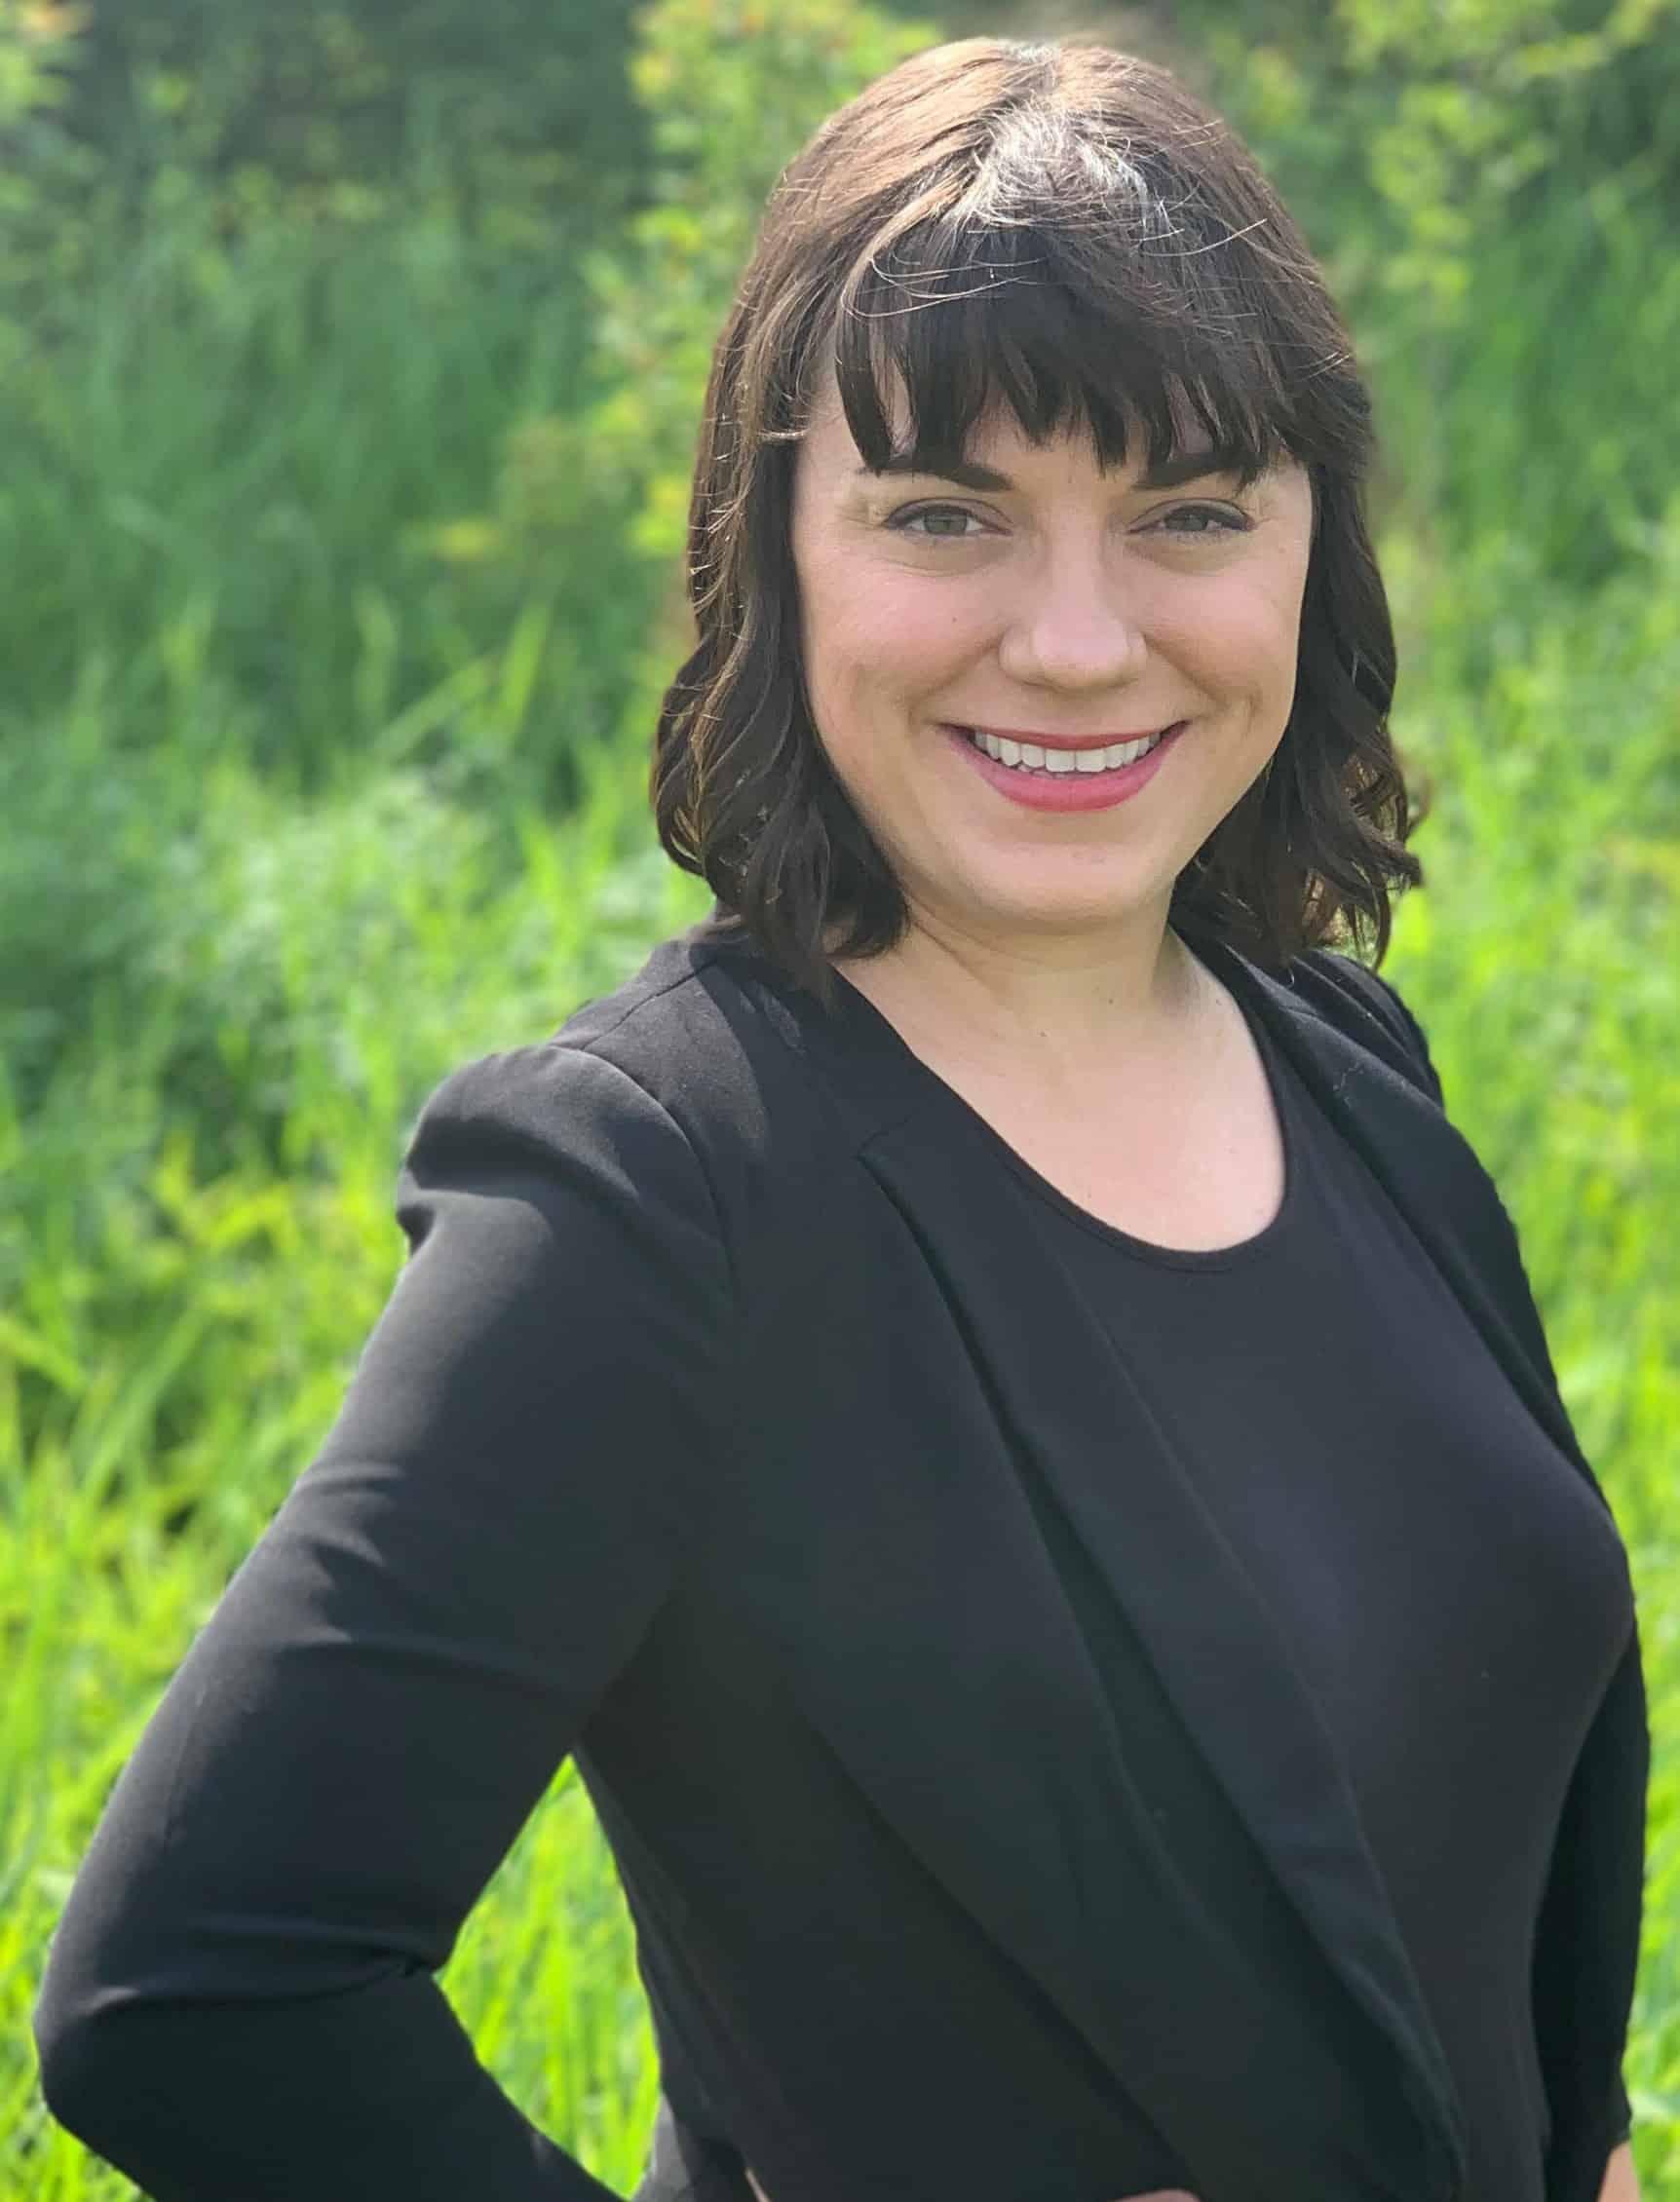 Kirsten Malzac